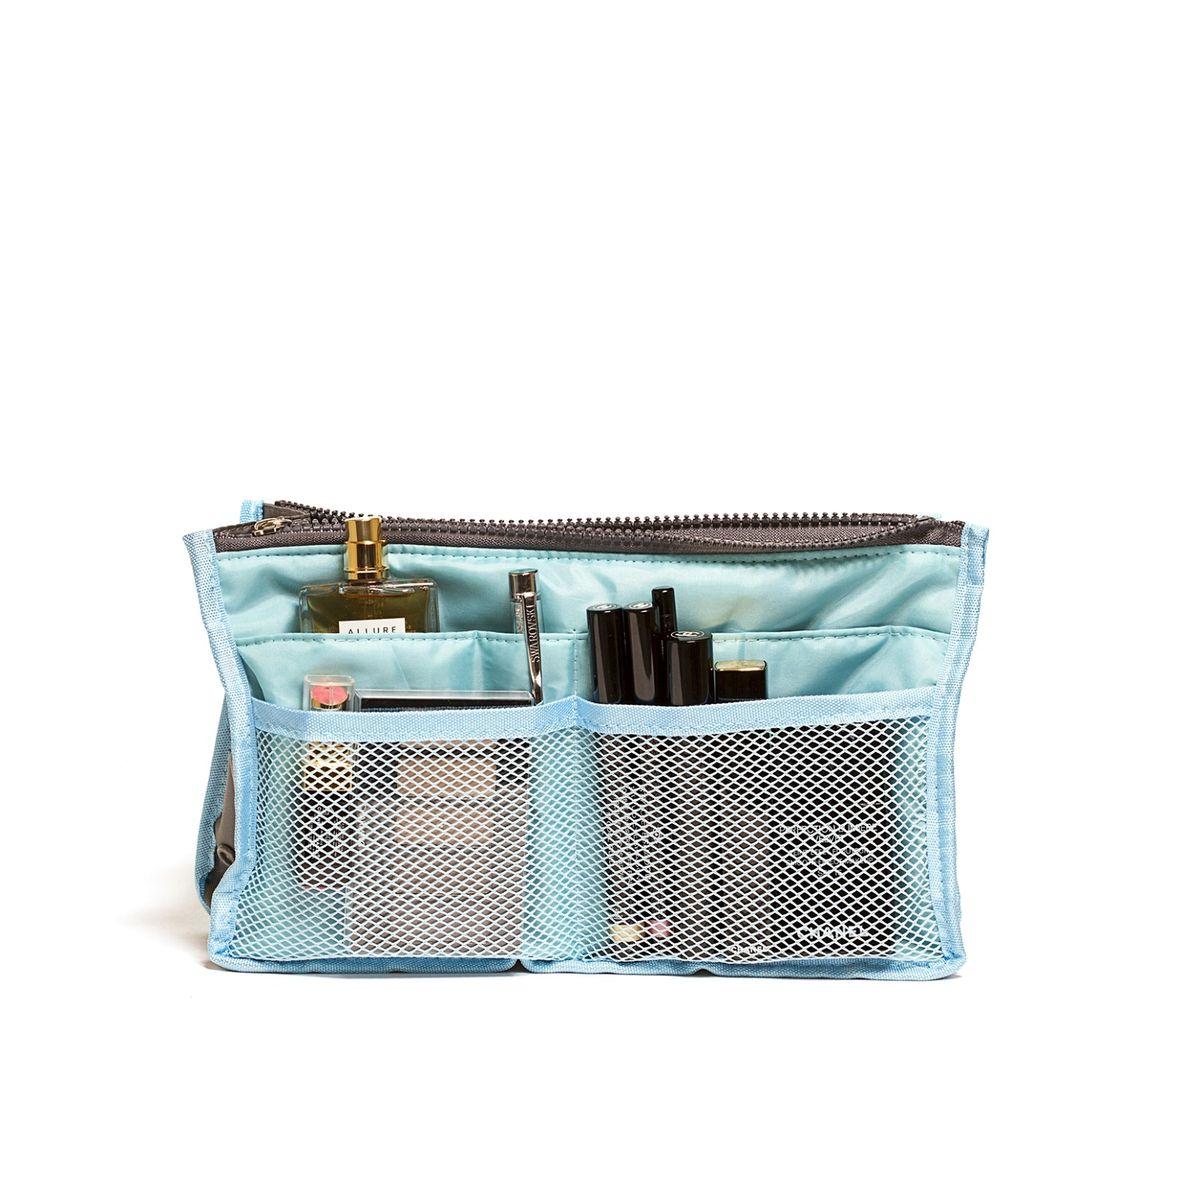 Органайзер для сумки Homsu, цвет: голубой, 30 x 8,5 x 18,5 см12723Органайзер для сумки Homsu выполнен из полиэстера и текстиля. Этот органайзер для сумки имеет три вместительных отделениях для вещей, четыре кармашка по бокам и шесть кармашков в виде сетки. Такой органайзер обеспечит полный порядок в вашей сумке. Данный аксессуар обладает быстрой регулировкой толщины с помощью кнопок. Органайзер оснащен двумя крепкими ручками, что позволяет применять его и вне сумки.